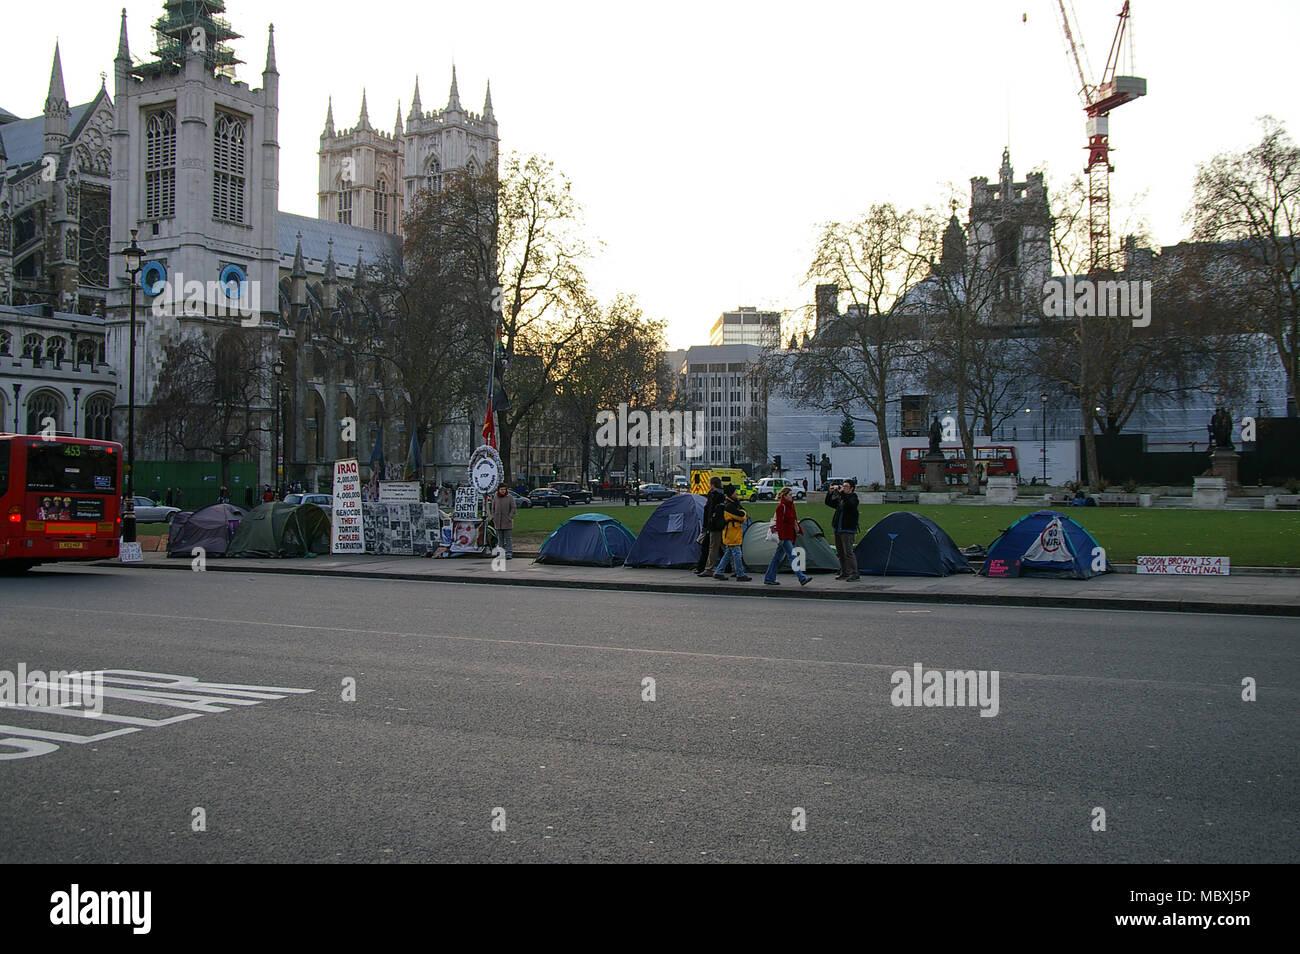 Protesta contra la guerra de Irak en la Plaza del Parlamento fuera de las Casas del Parlamento, el Palacio de Westminster, en 2007. Londres. La guerra del Golfo II demostración. Campamento de la paz Foto de stock